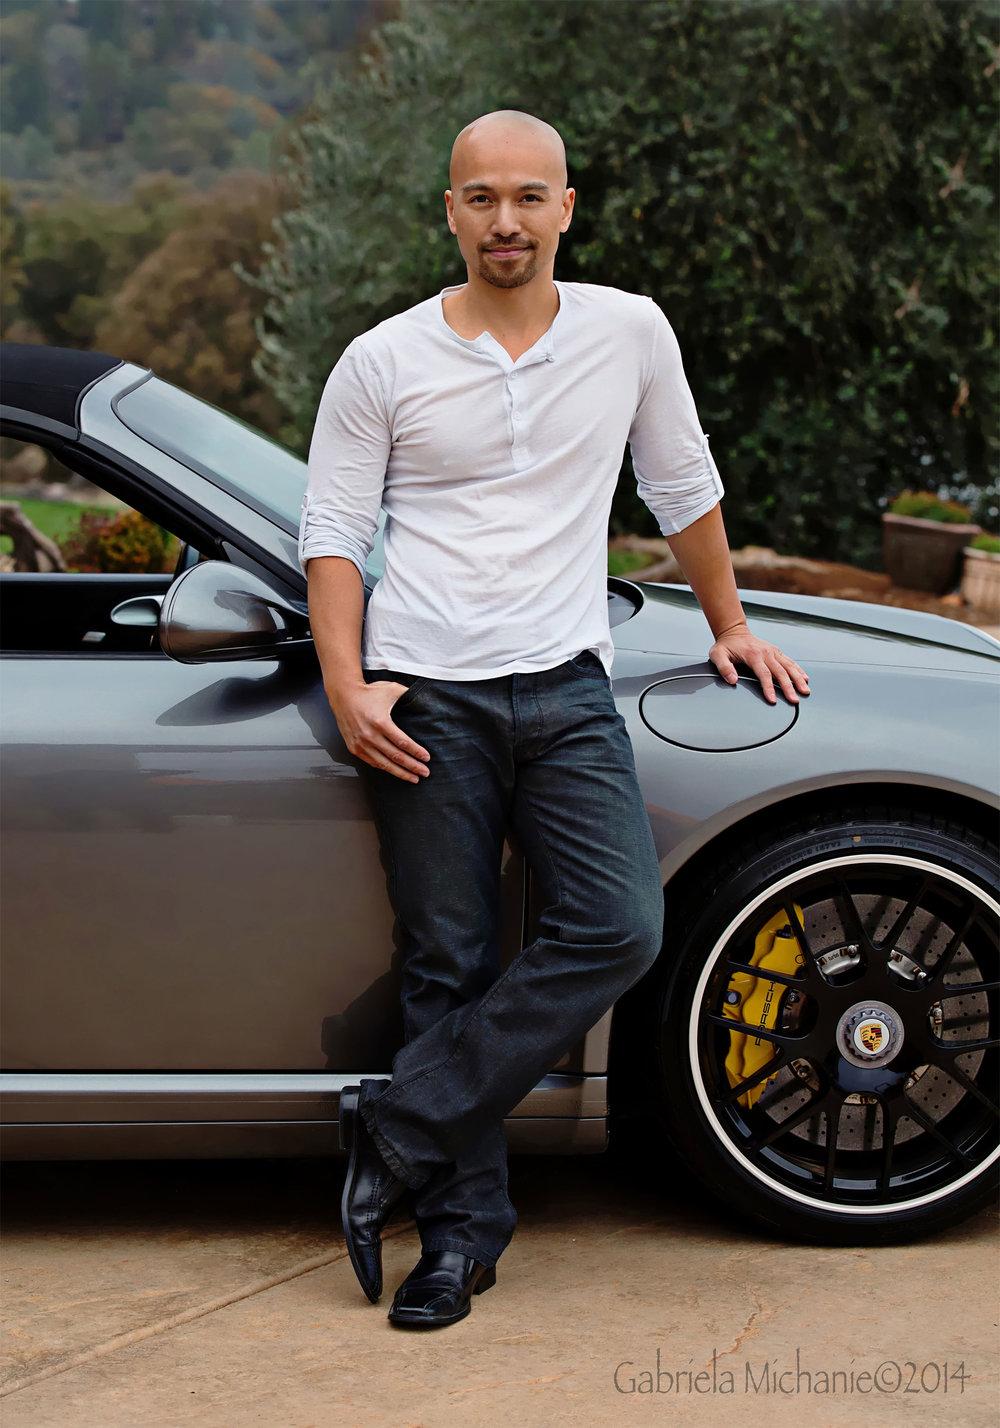 JasonFong-WhiteShirt-Porsche.jpg